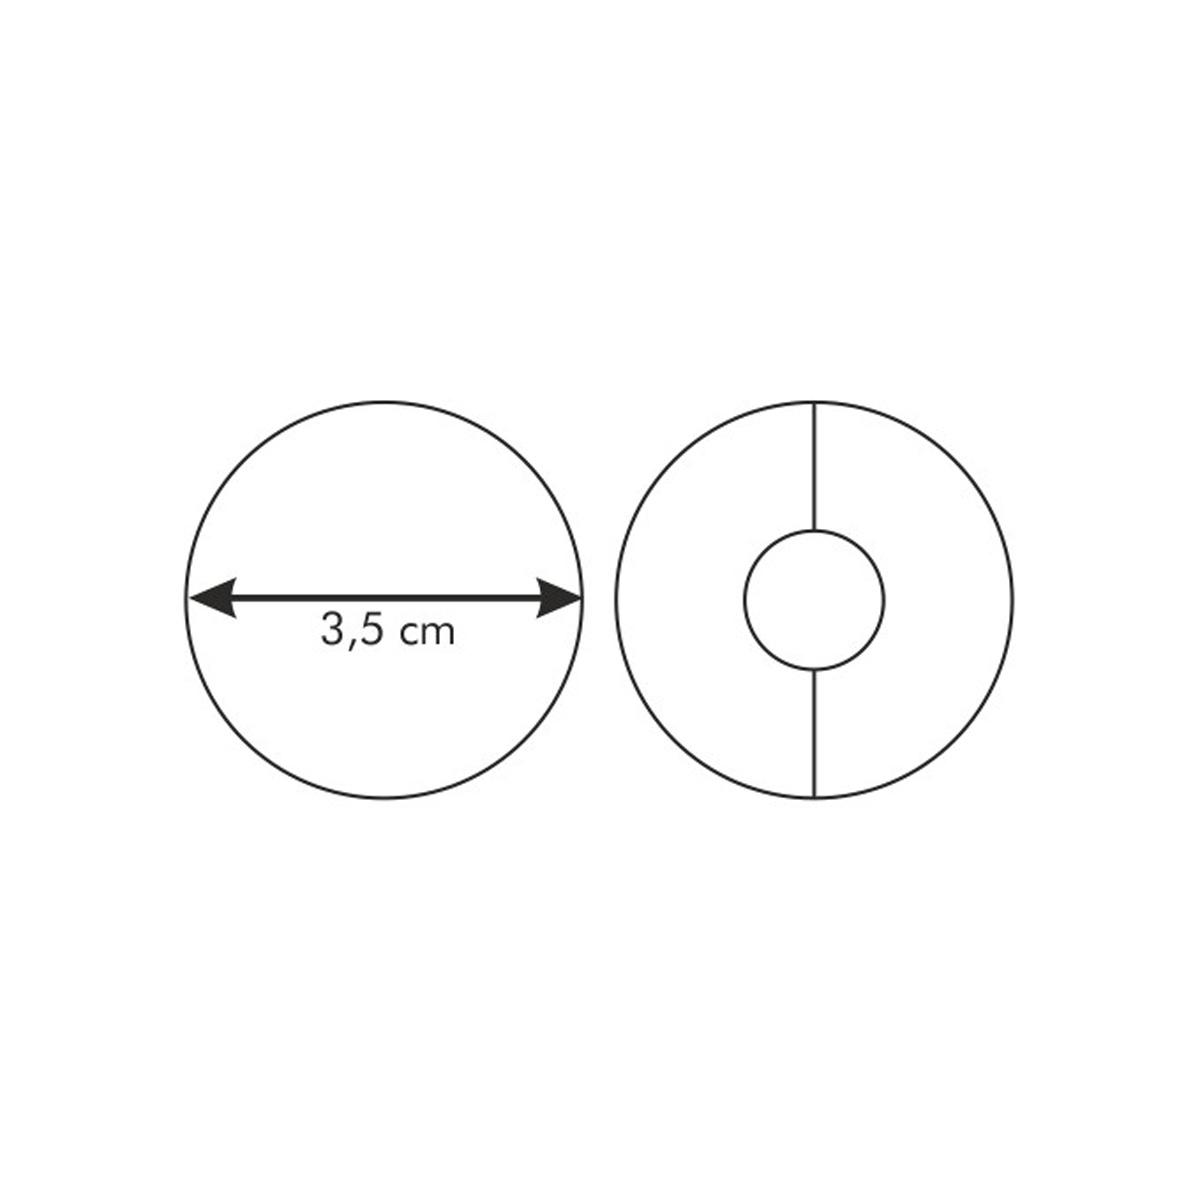 Linecké kolečko DELÍCIA ø 3.5 cm